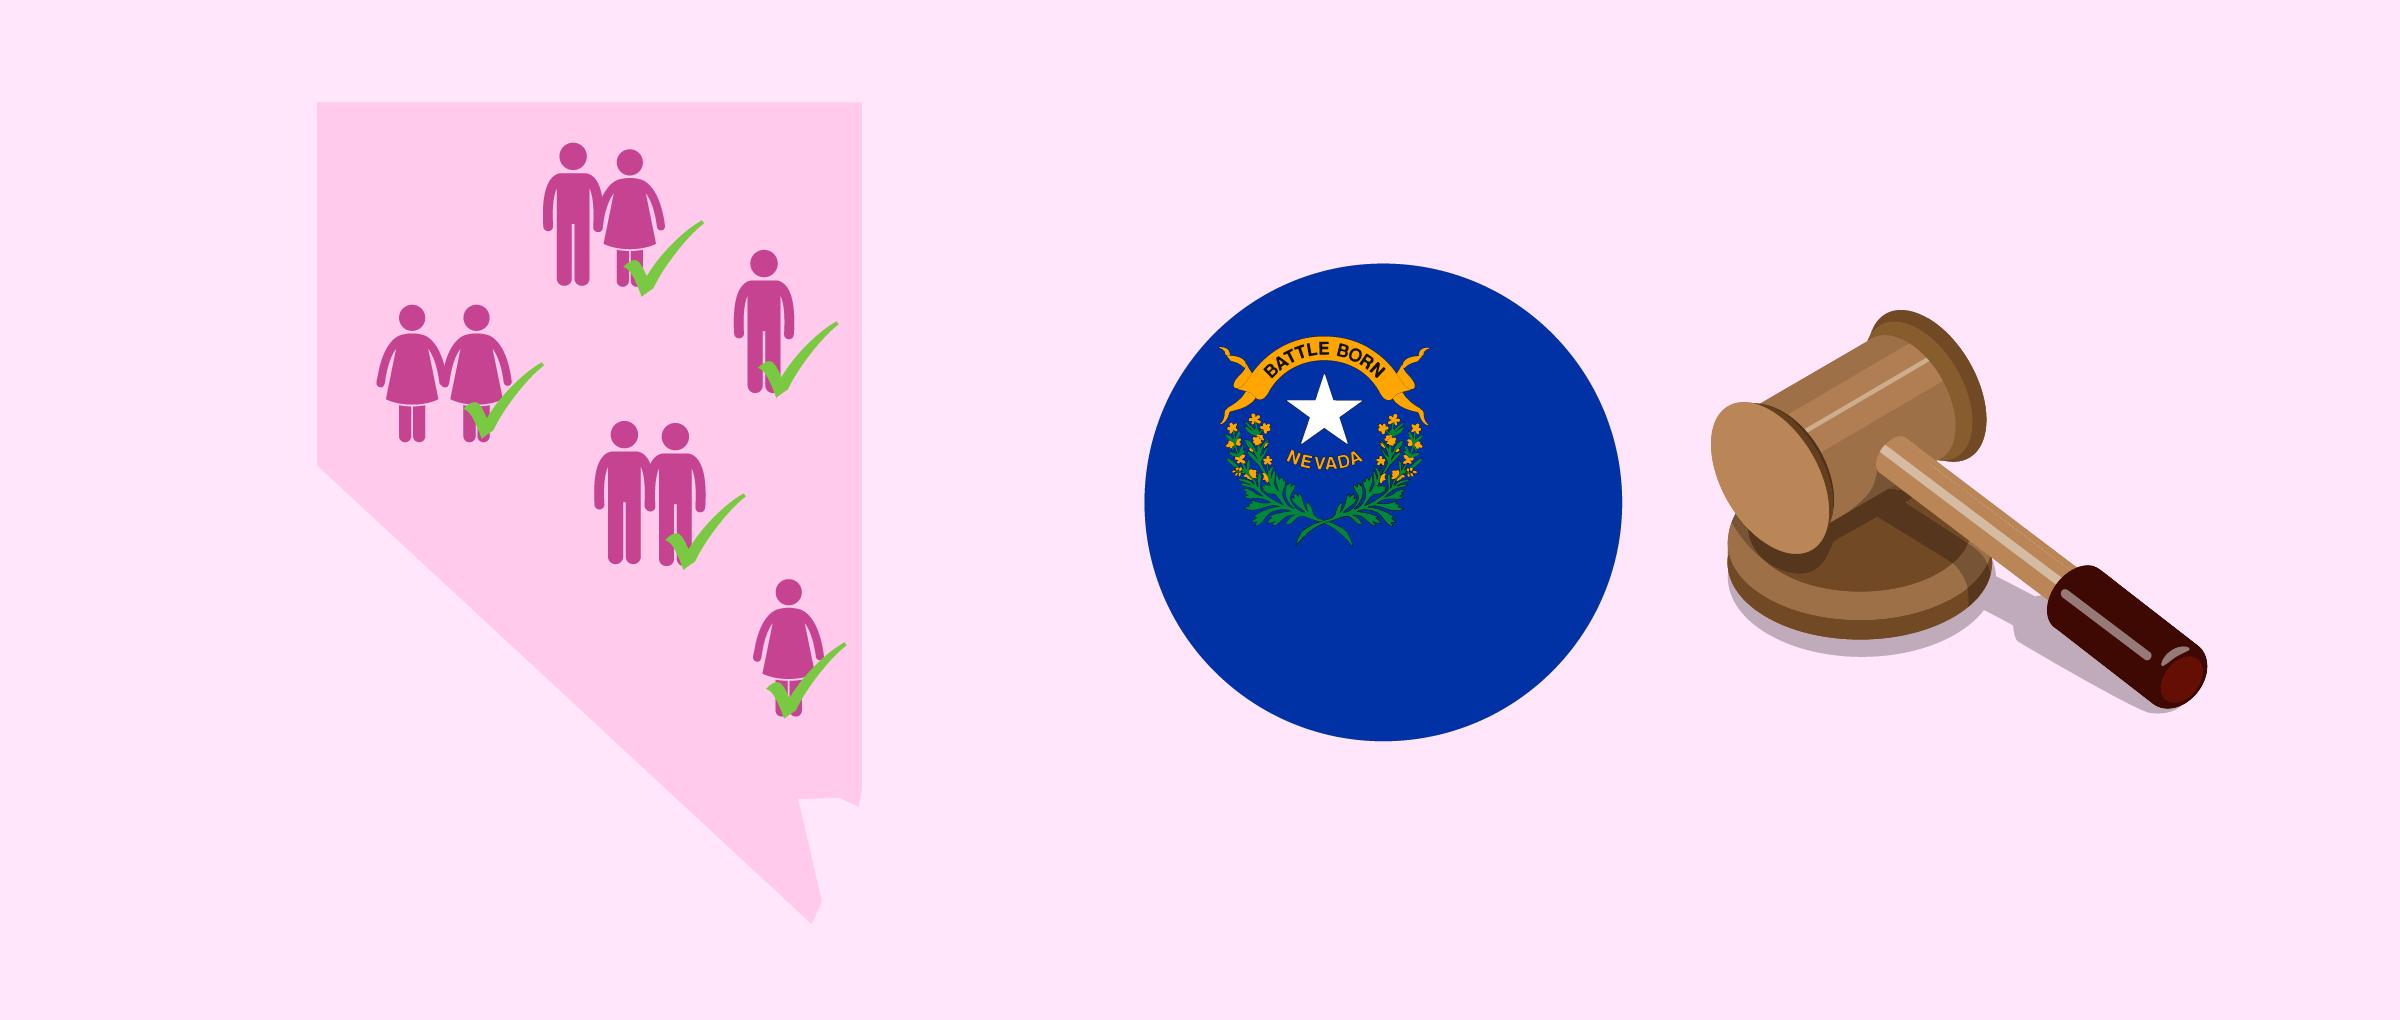 Nevada gewährt allen Familienmodellen den Zugang zur Leihmutterschaft